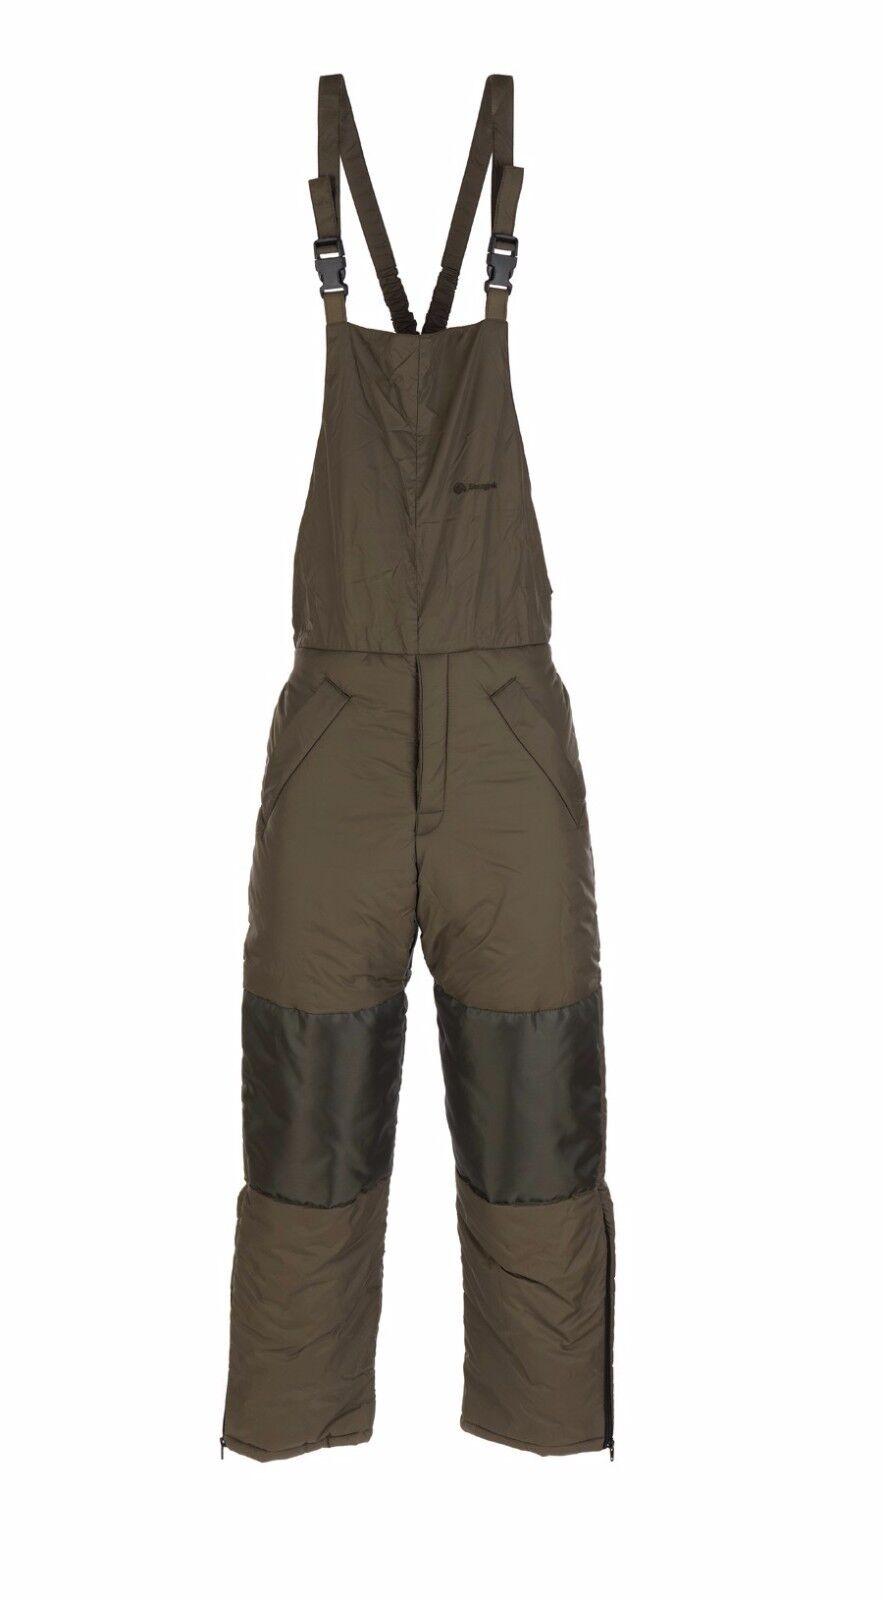 Fortis Snugpak Sleeka Green Salopettes Bib & Brace Shorter Leg *All Sizes* NEW